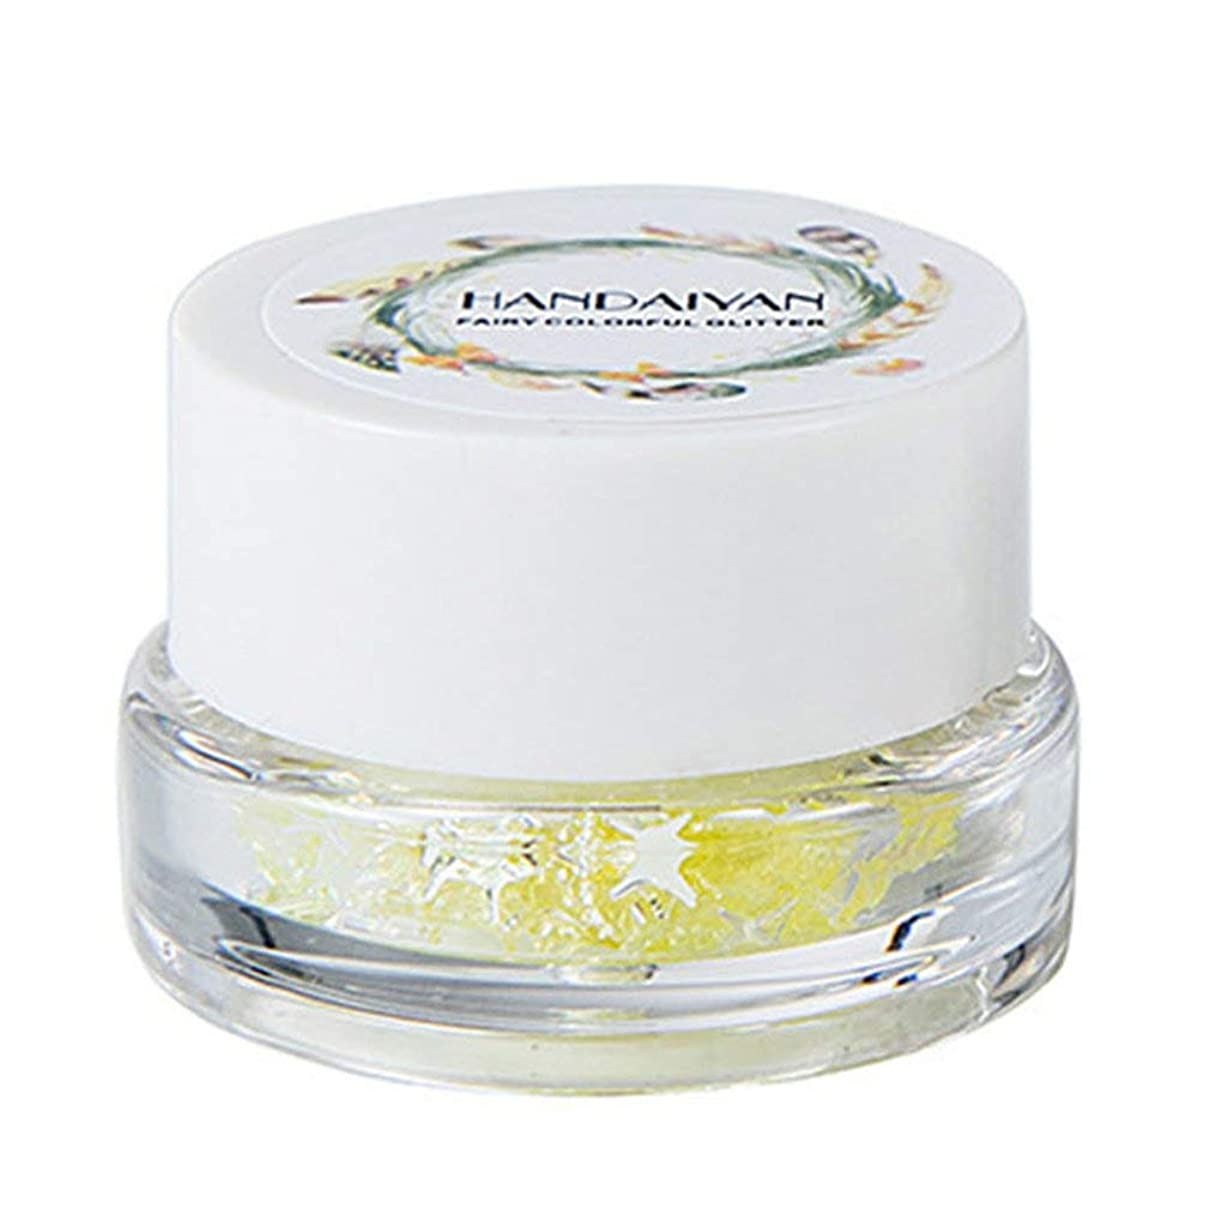 輝度潤滑する実行シャイニーハイグロスアイシャドー明るいスパンコールジェルアイメイク化粧品